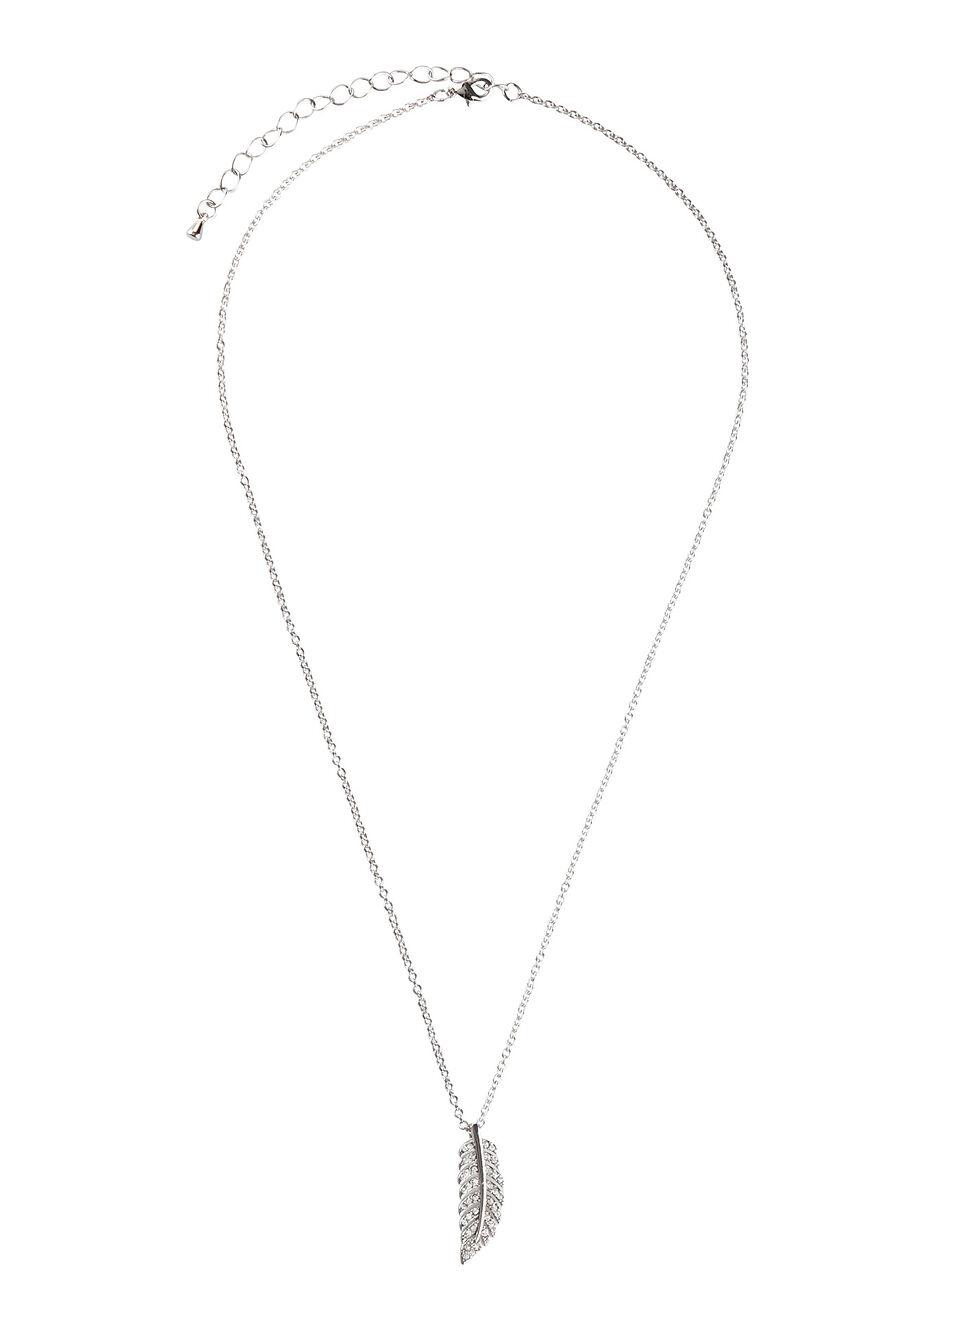 Łańcuszek z kryształami Swarovskiego® bonprix srebrny kolor rodowany